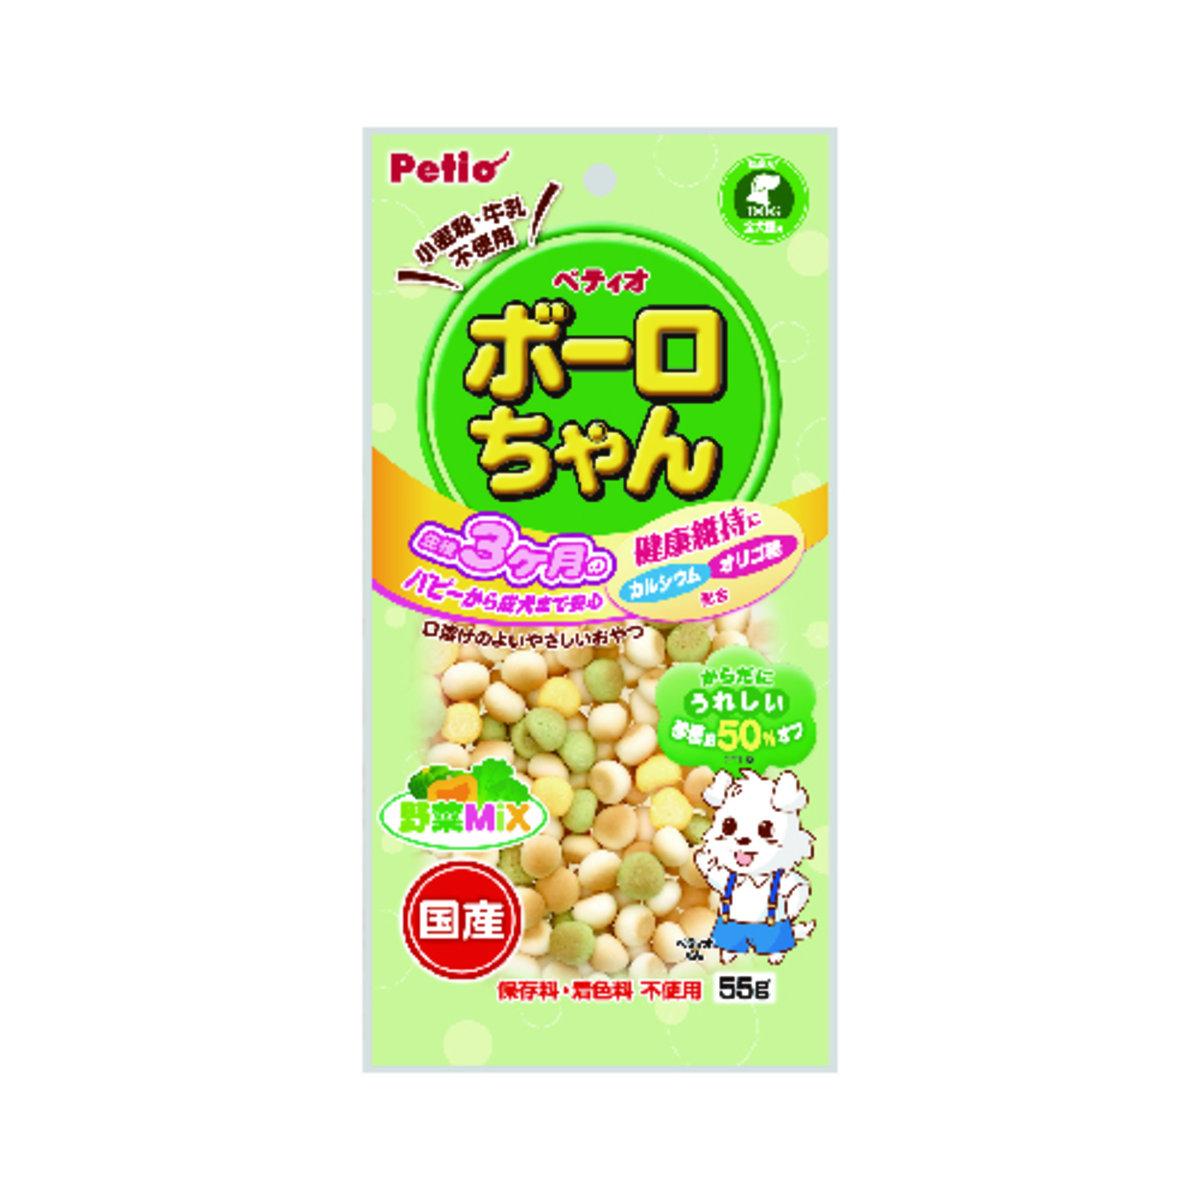 狗小食蔬菜脆餅(W1141500)